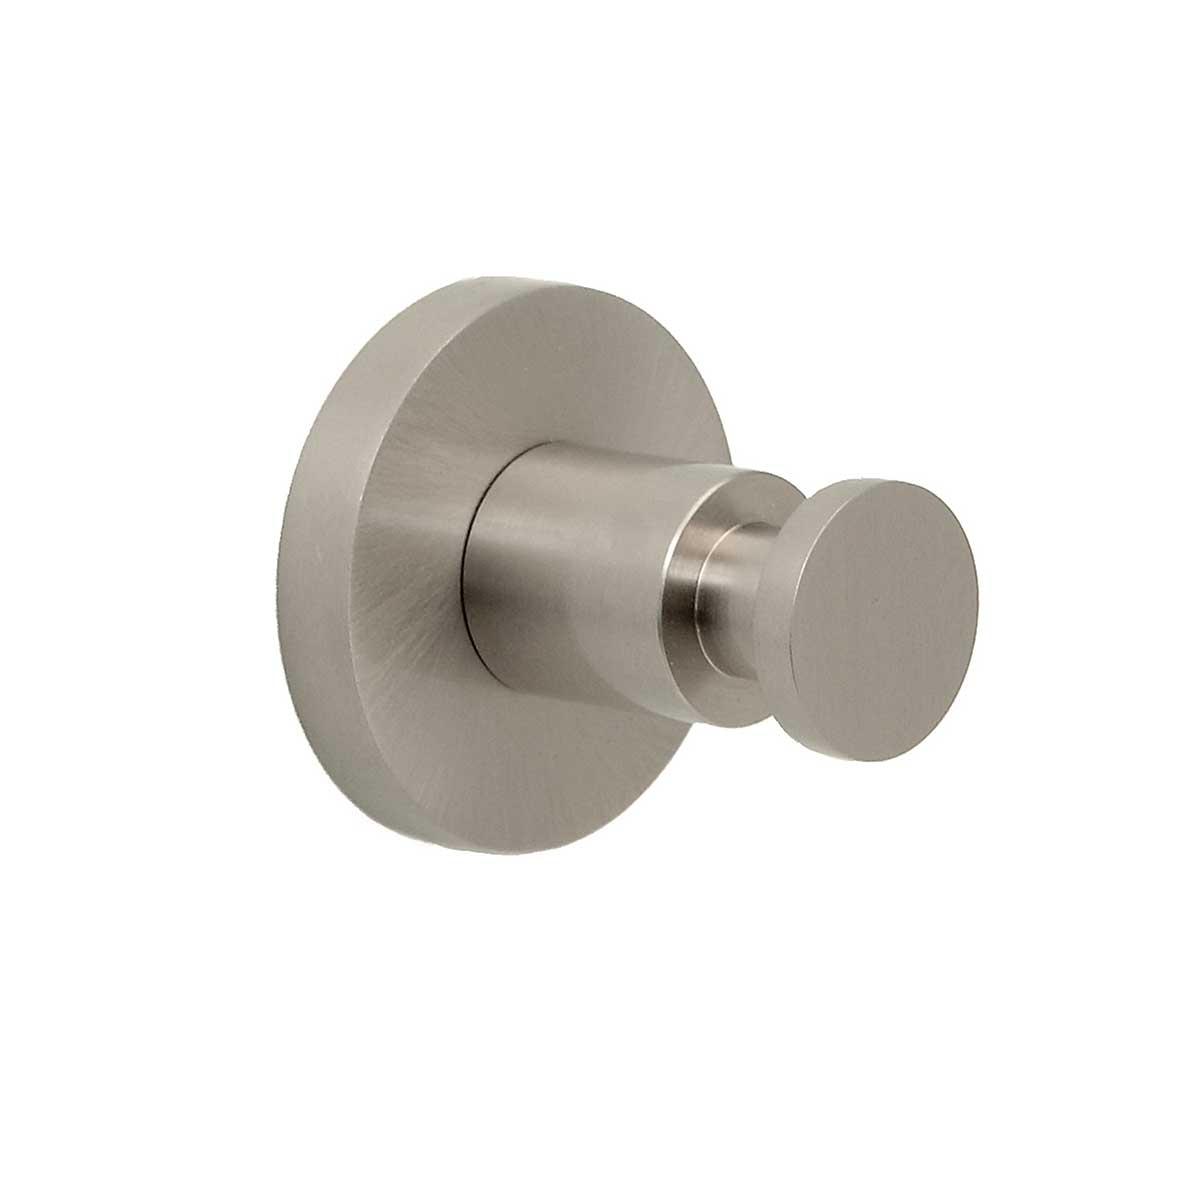 Κρεμαστράκι Τοίχου PamCo 12-011 Satine Nickel